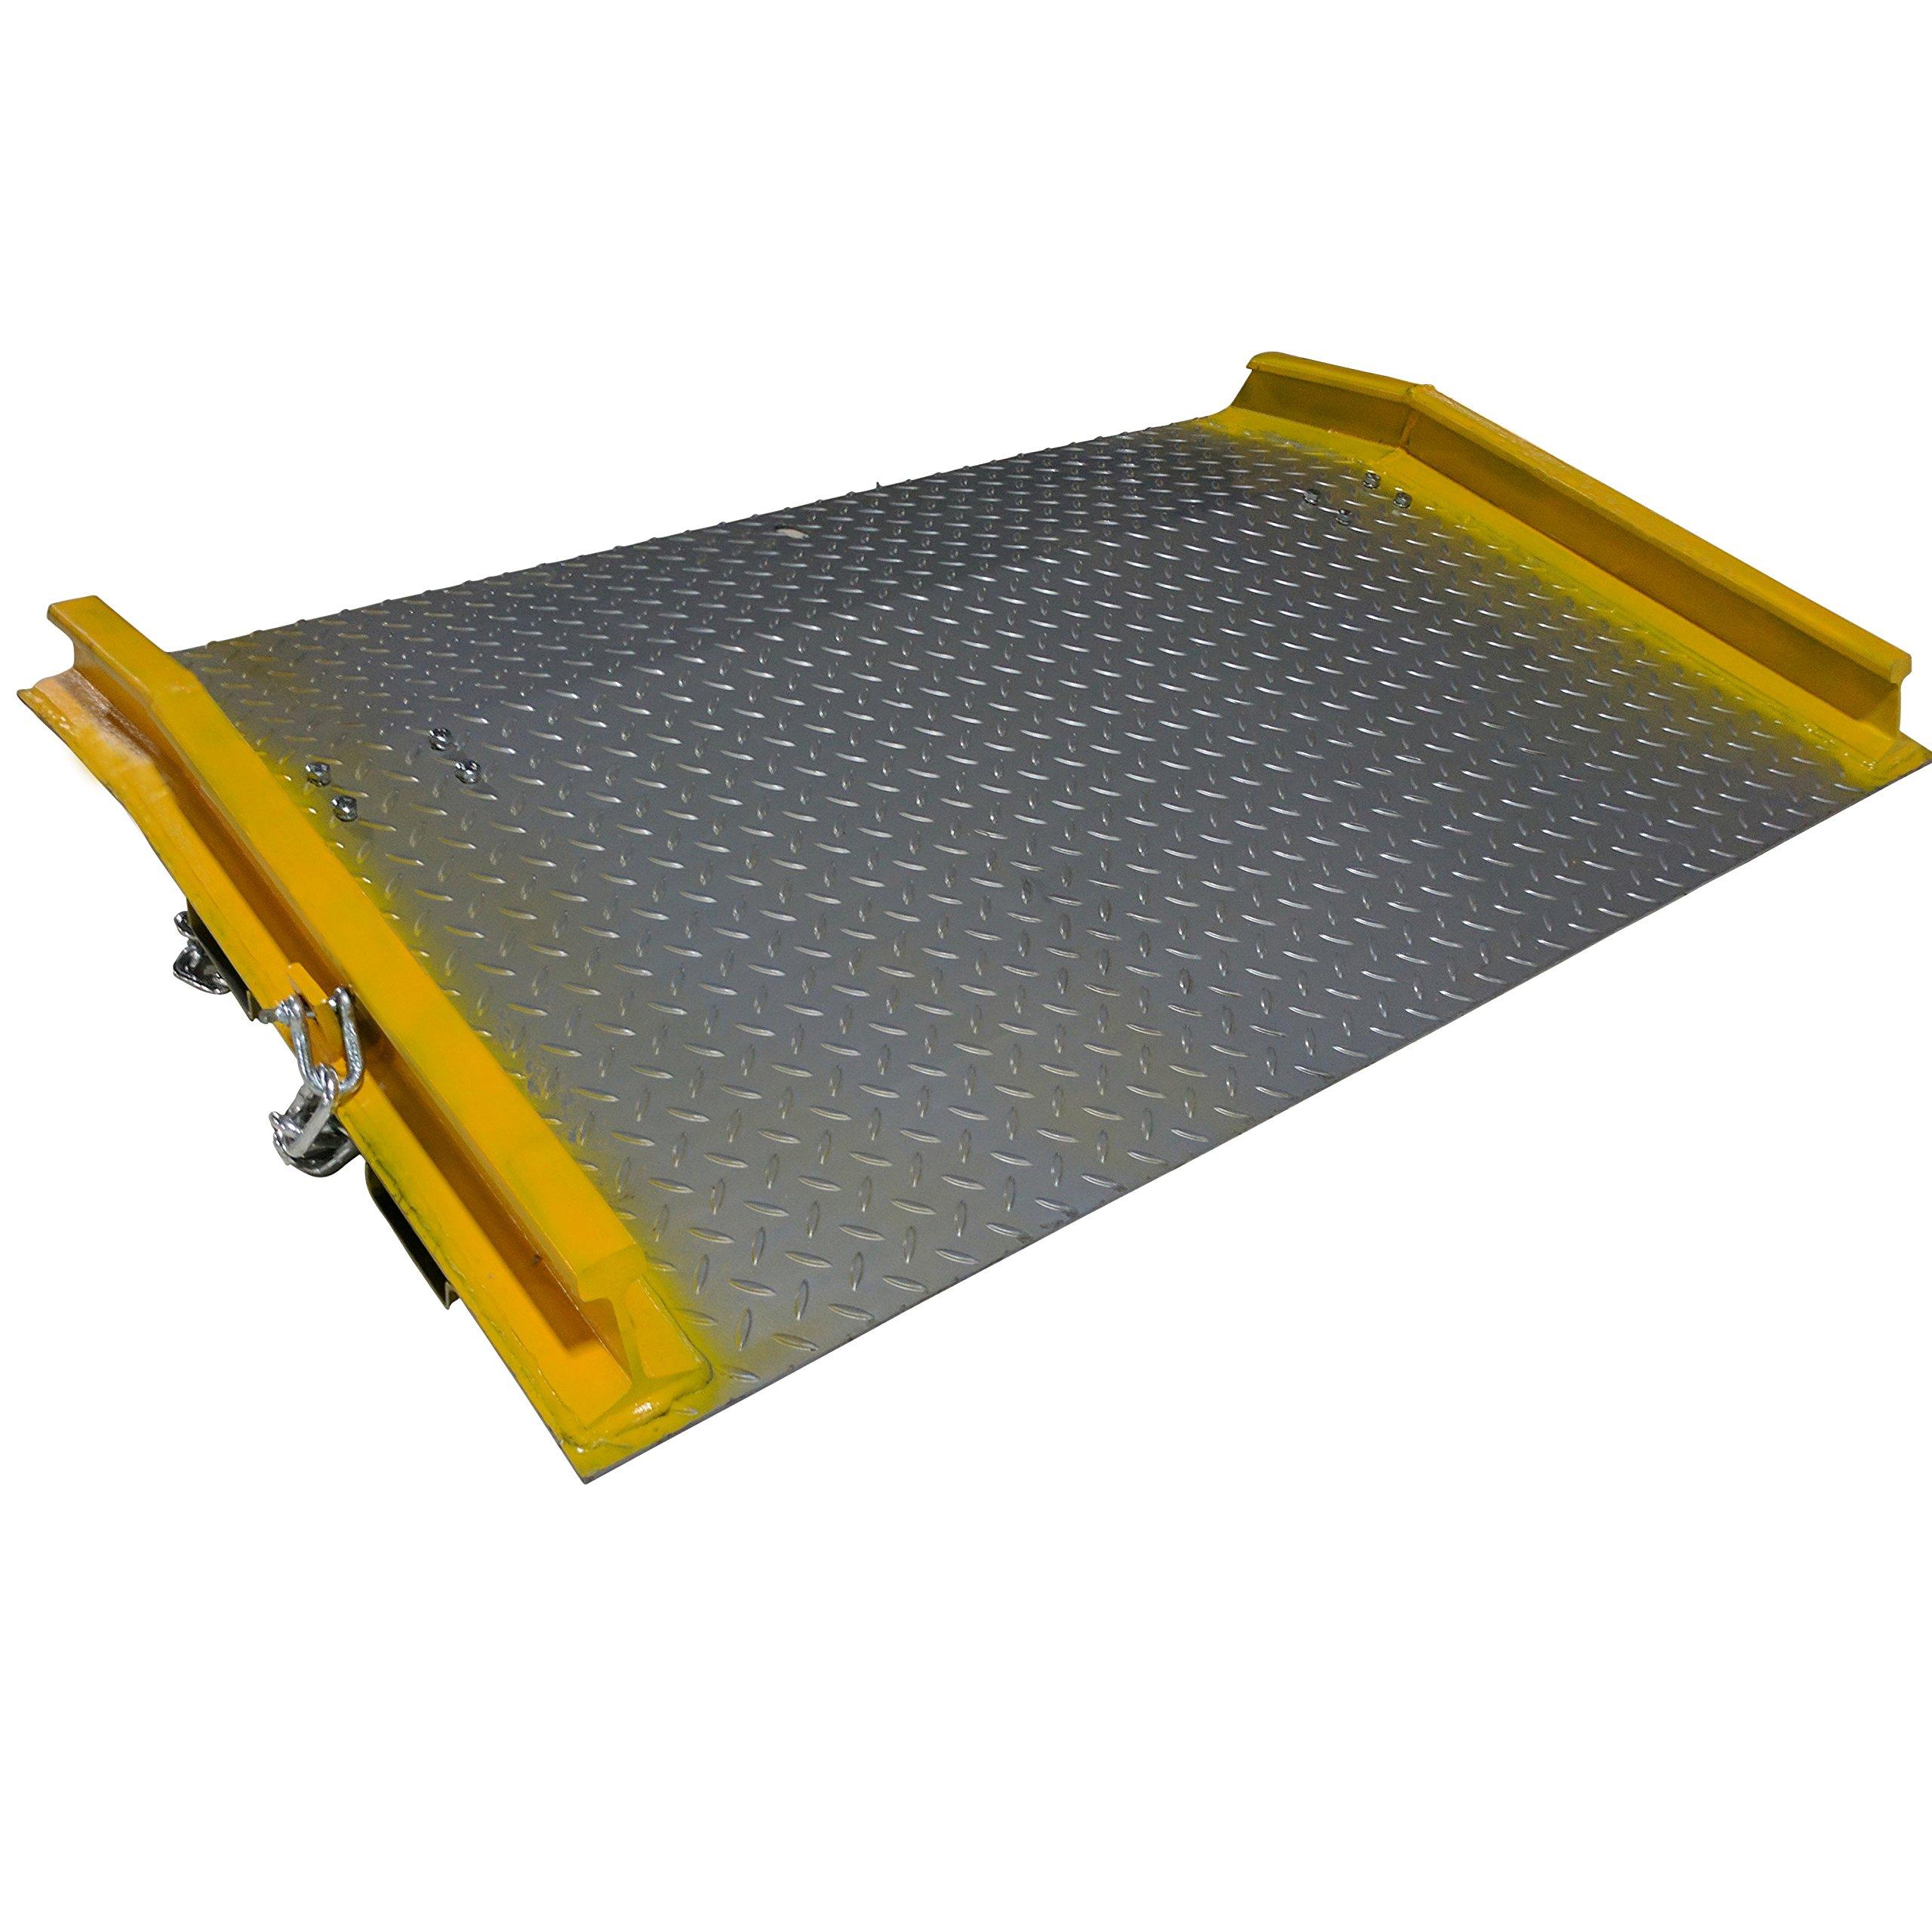 60'' x 48'' Titan Dock Board